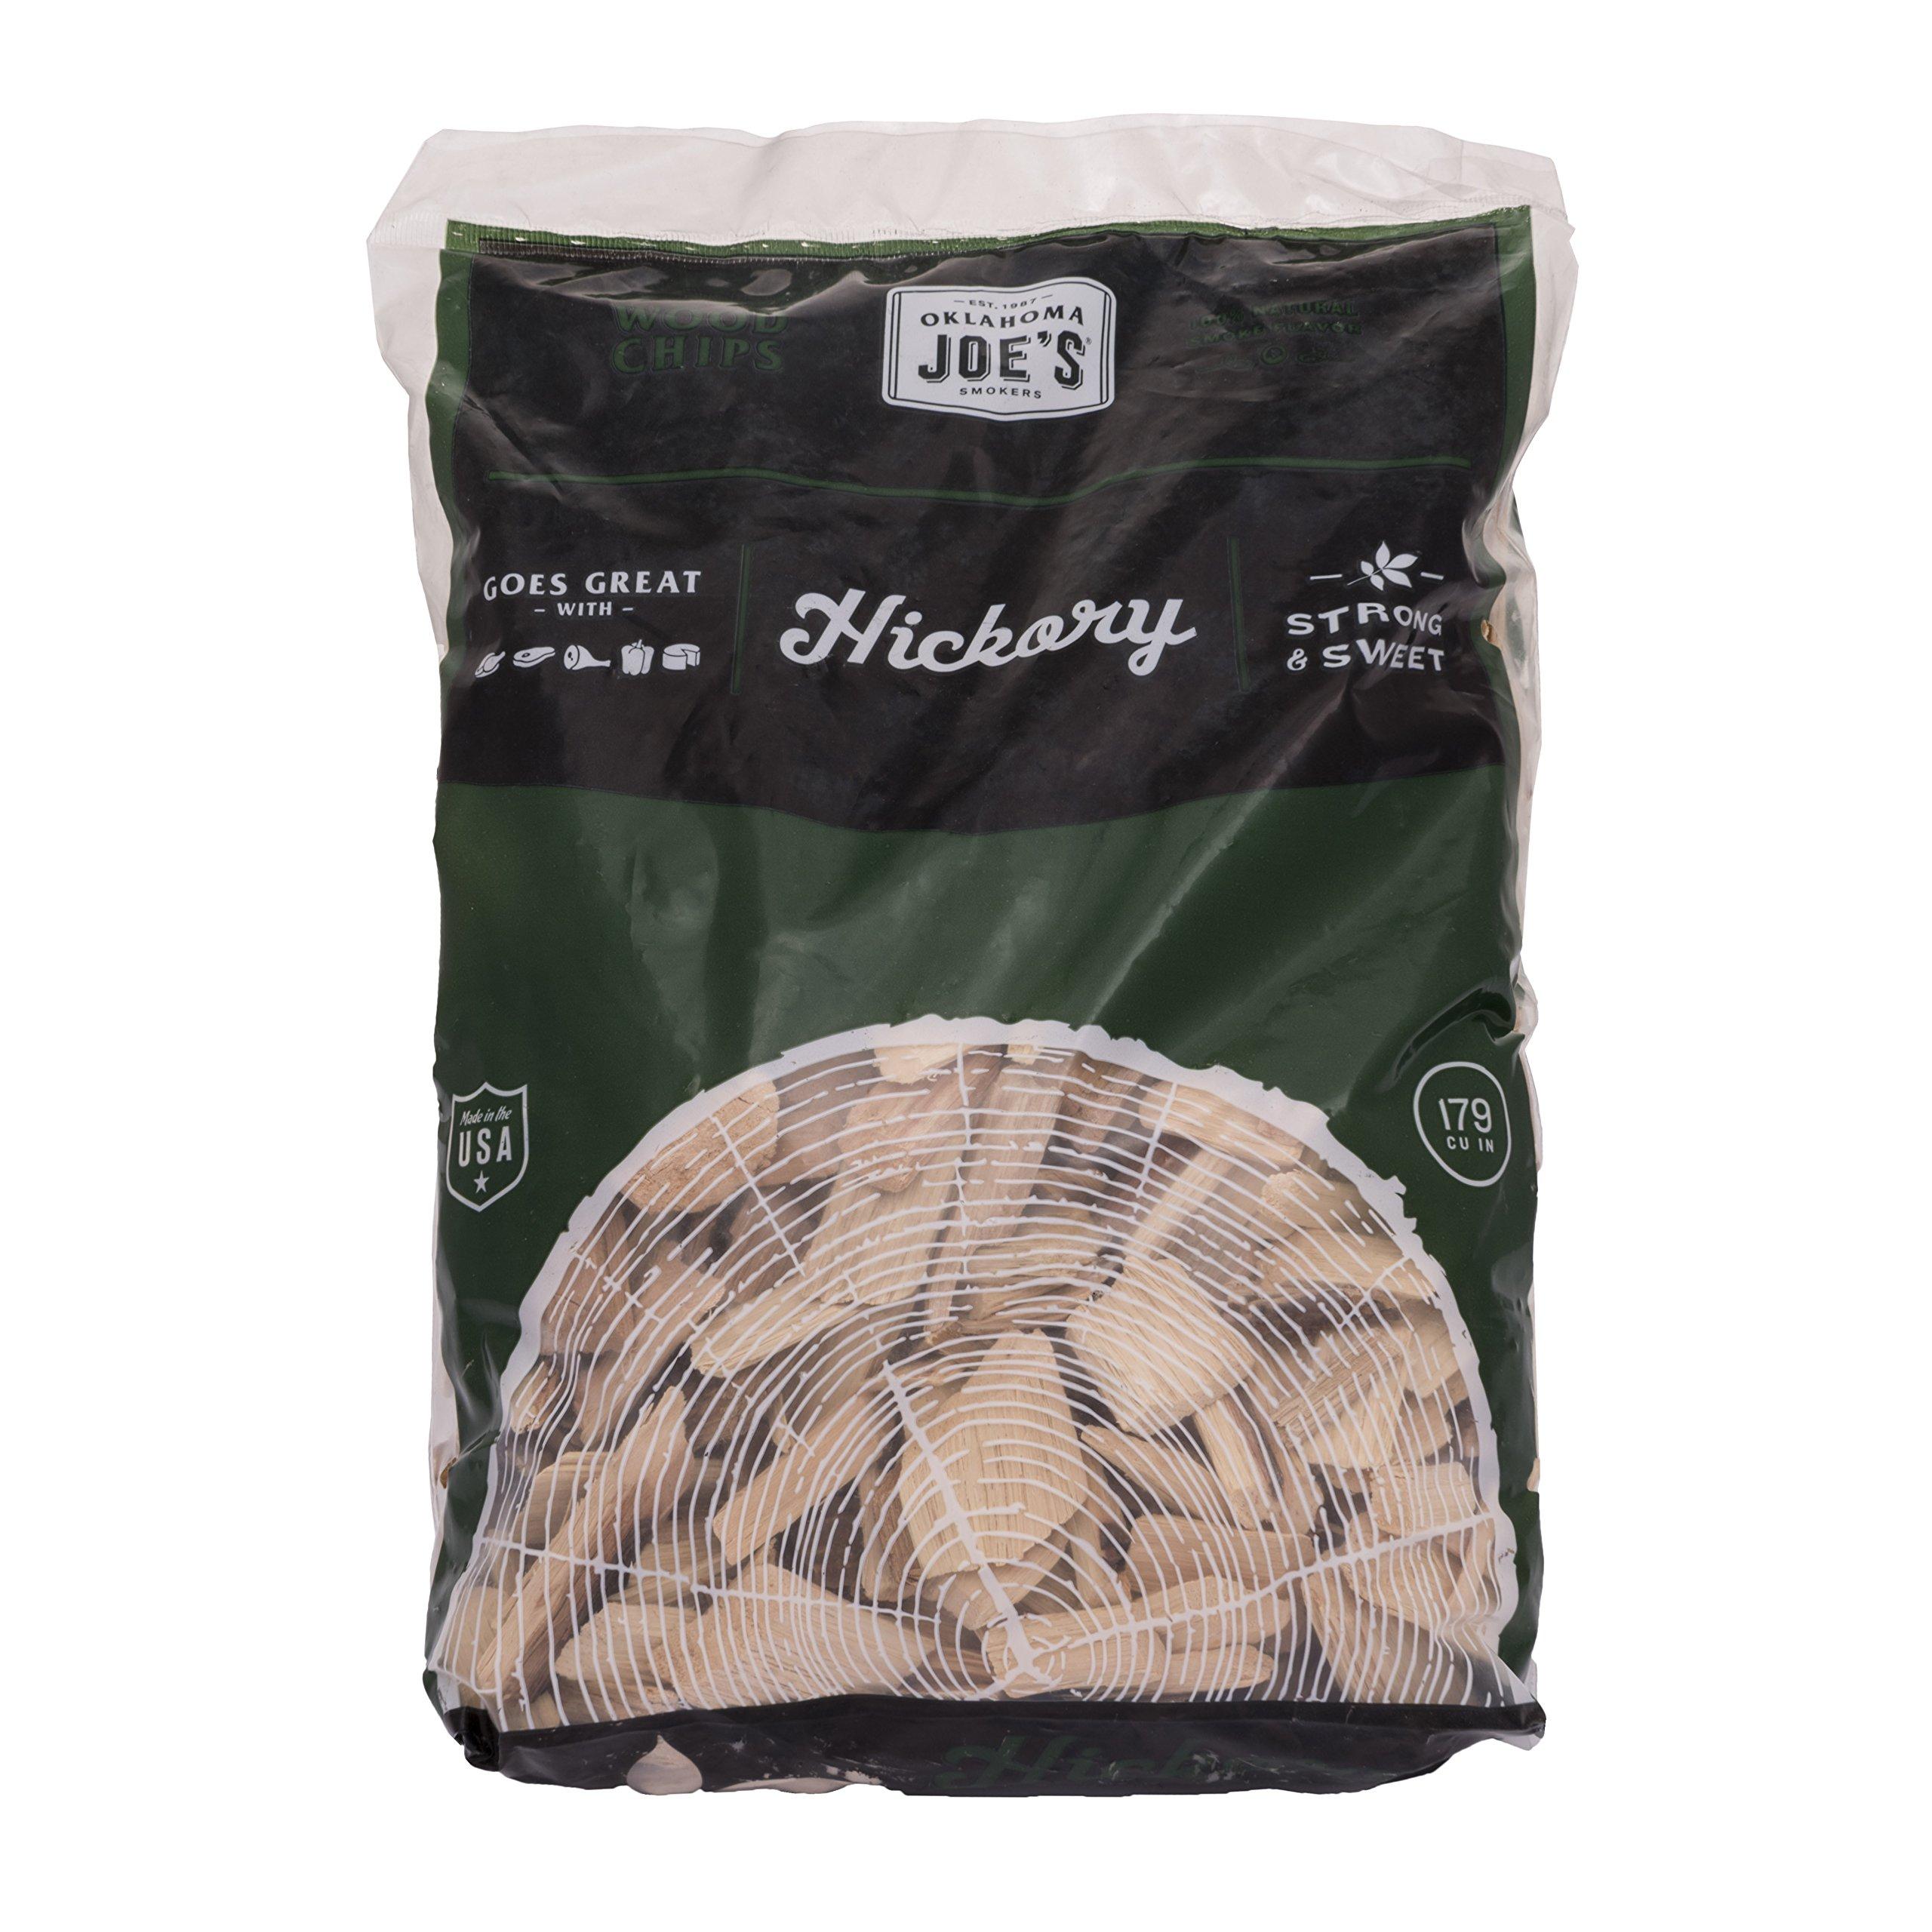 Oklahoma Joe's Hickory Wood Smoker Chips, 2-Pound Bag